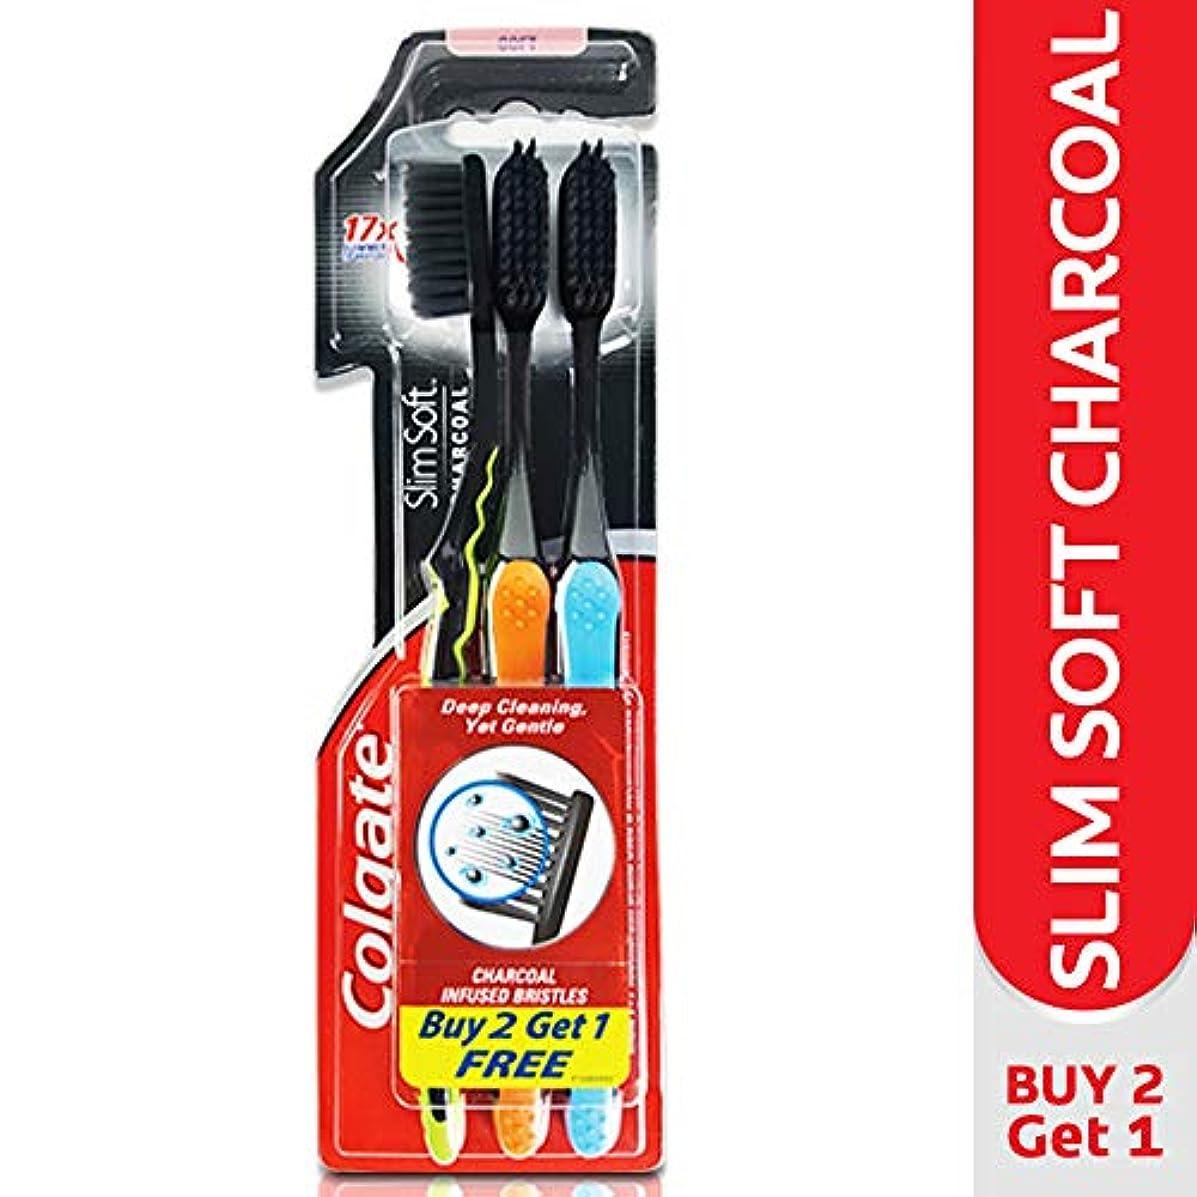 山岳ささいな不正直Colgate Slim Soft Charcoal Toothbrush (Pack of 3) 17x Slimmer Soft Tip Bristles (Ship From India)